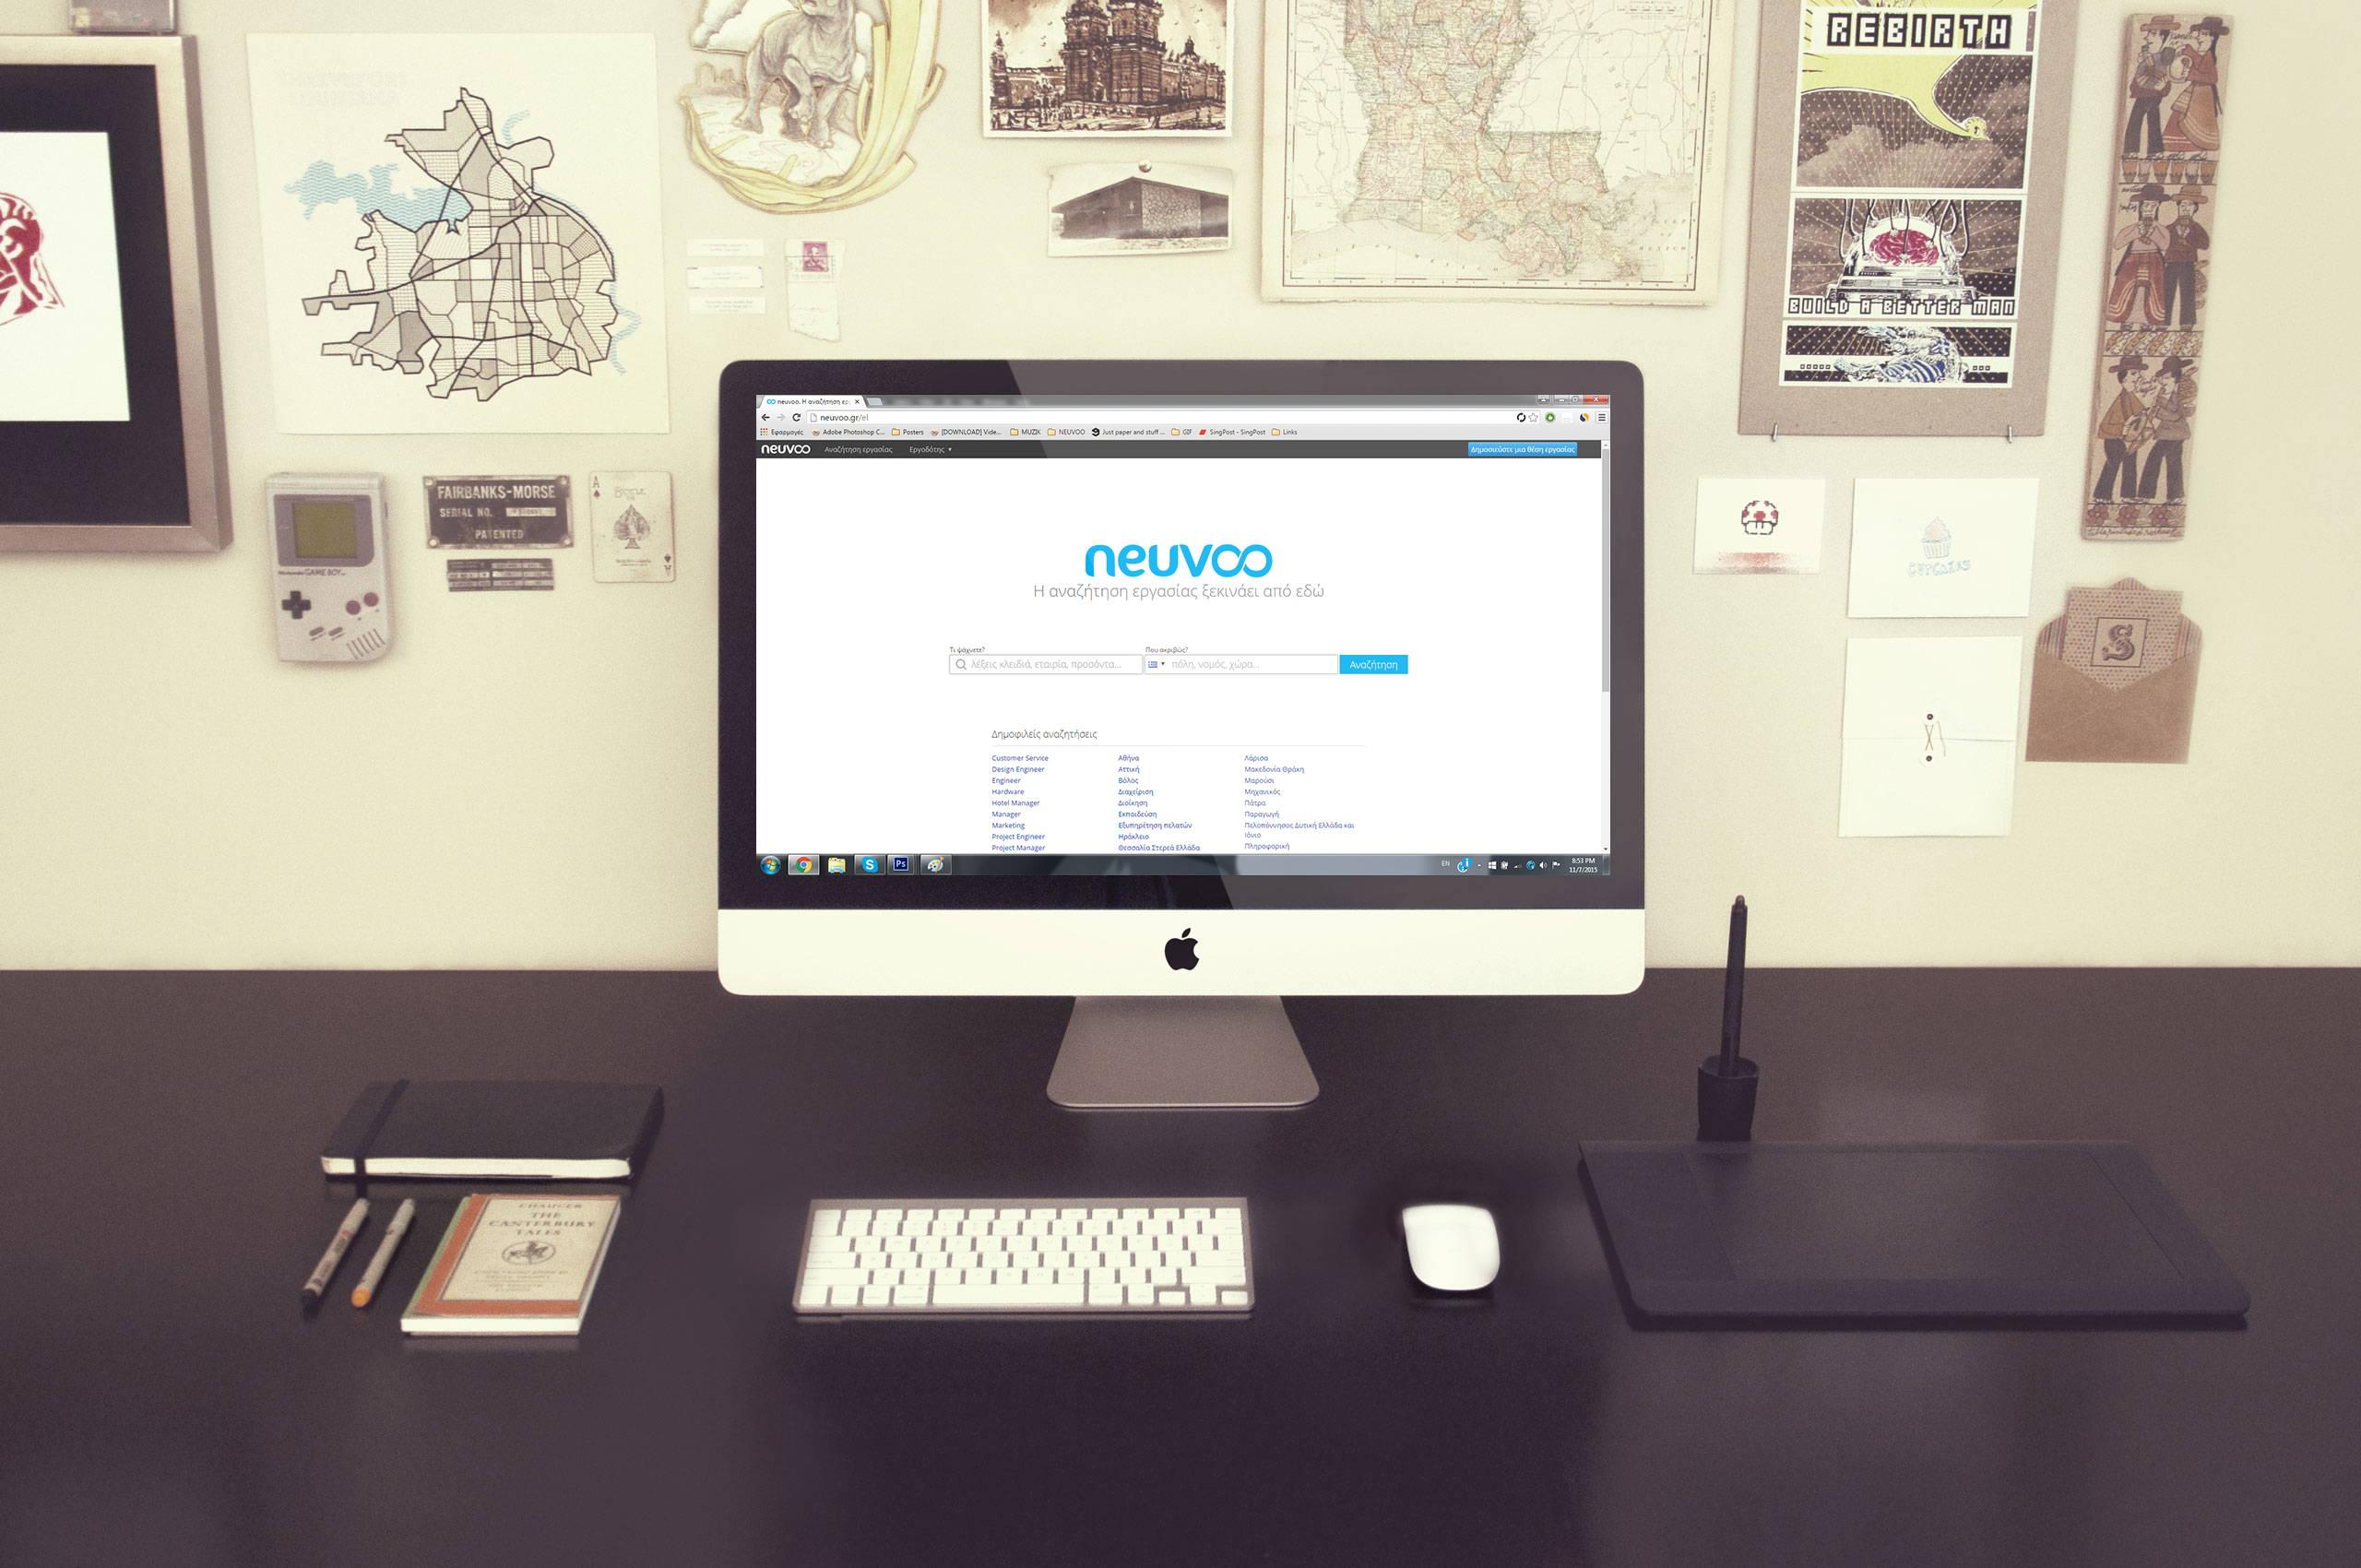 Neuvoo-desktop